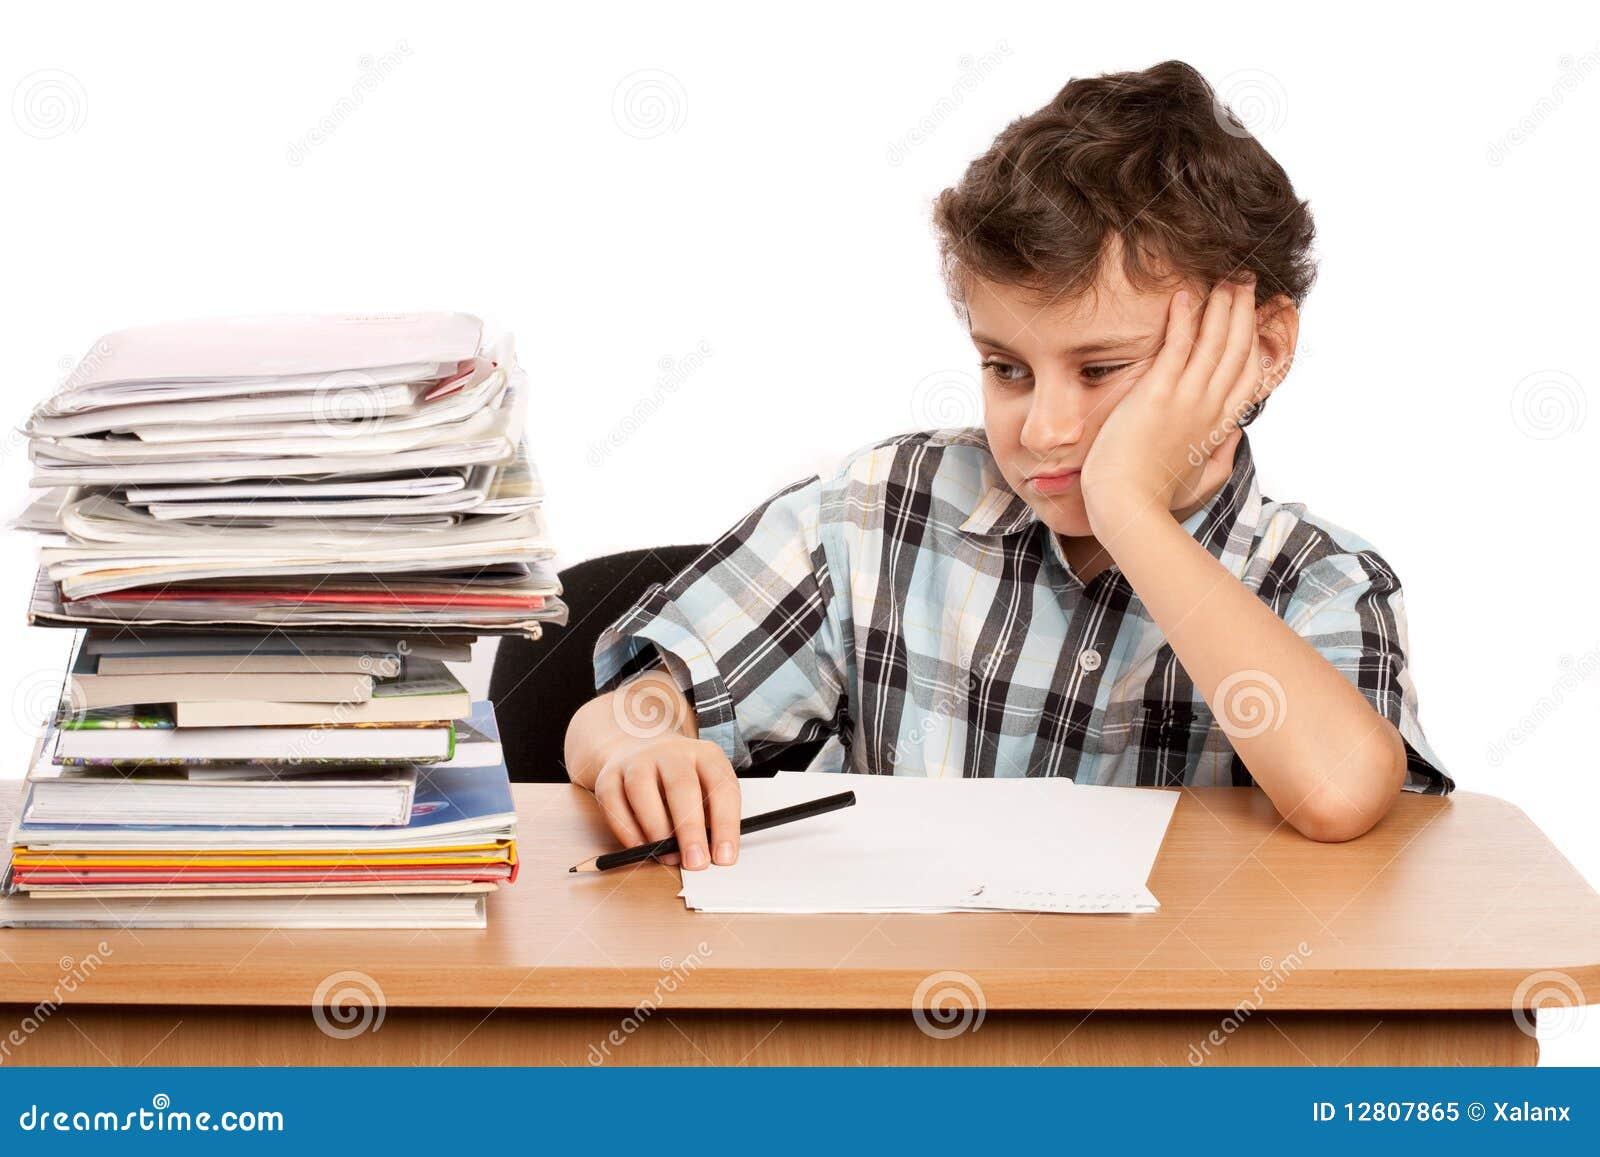 Estudante oprimida por livros